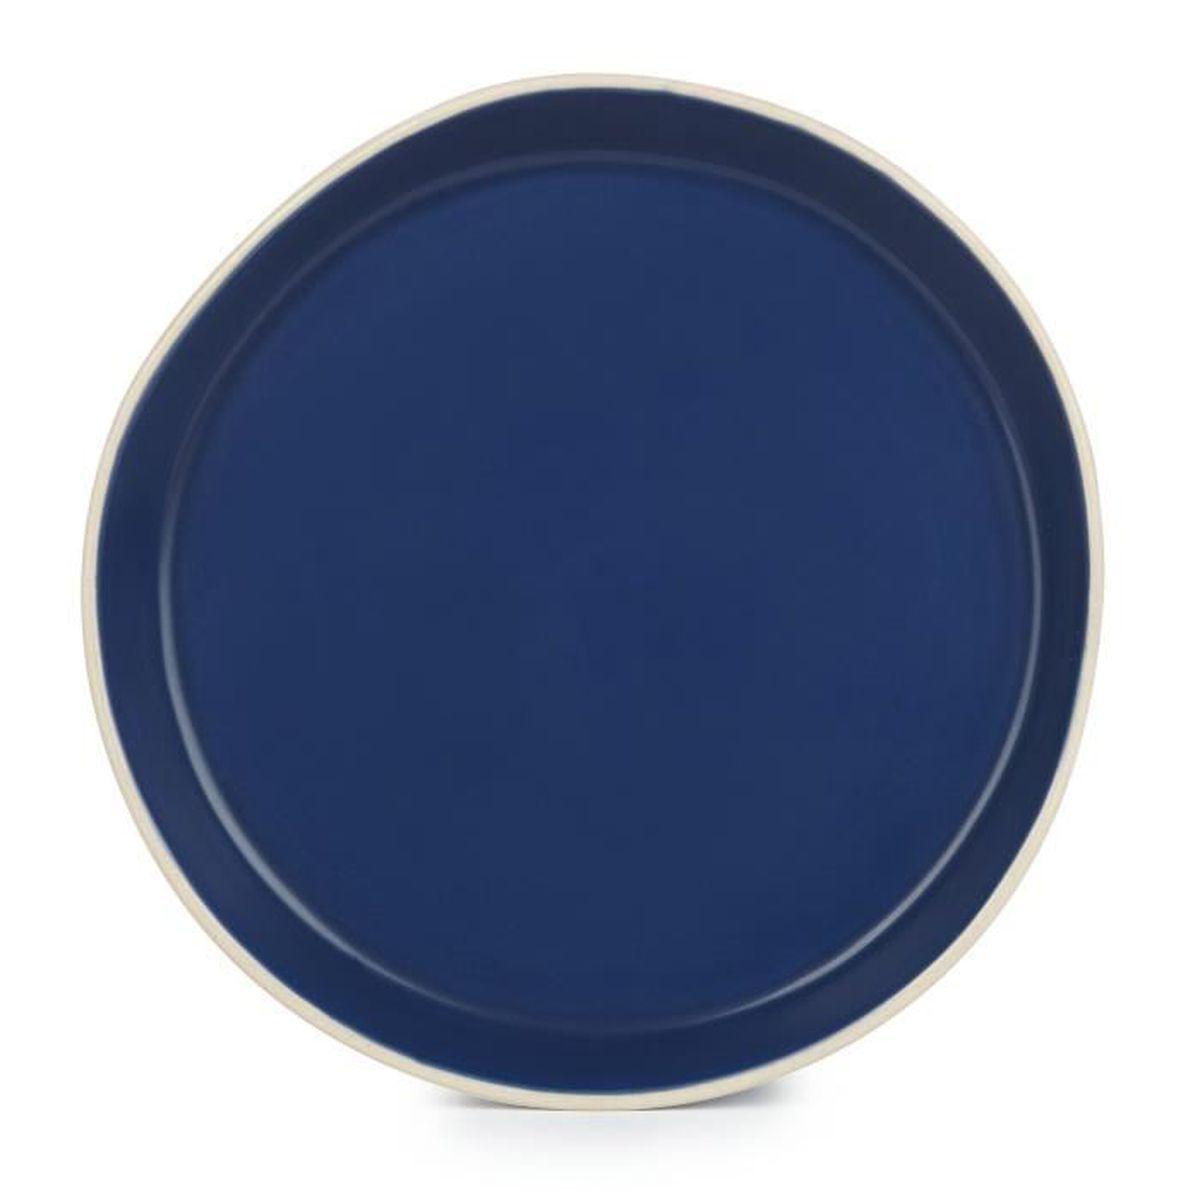 gamra assiette dessert en fa ence bleue marine d20cm achat vente assiette cdiscount. Black Bedroom Furniture Sets. Home Design Ideas